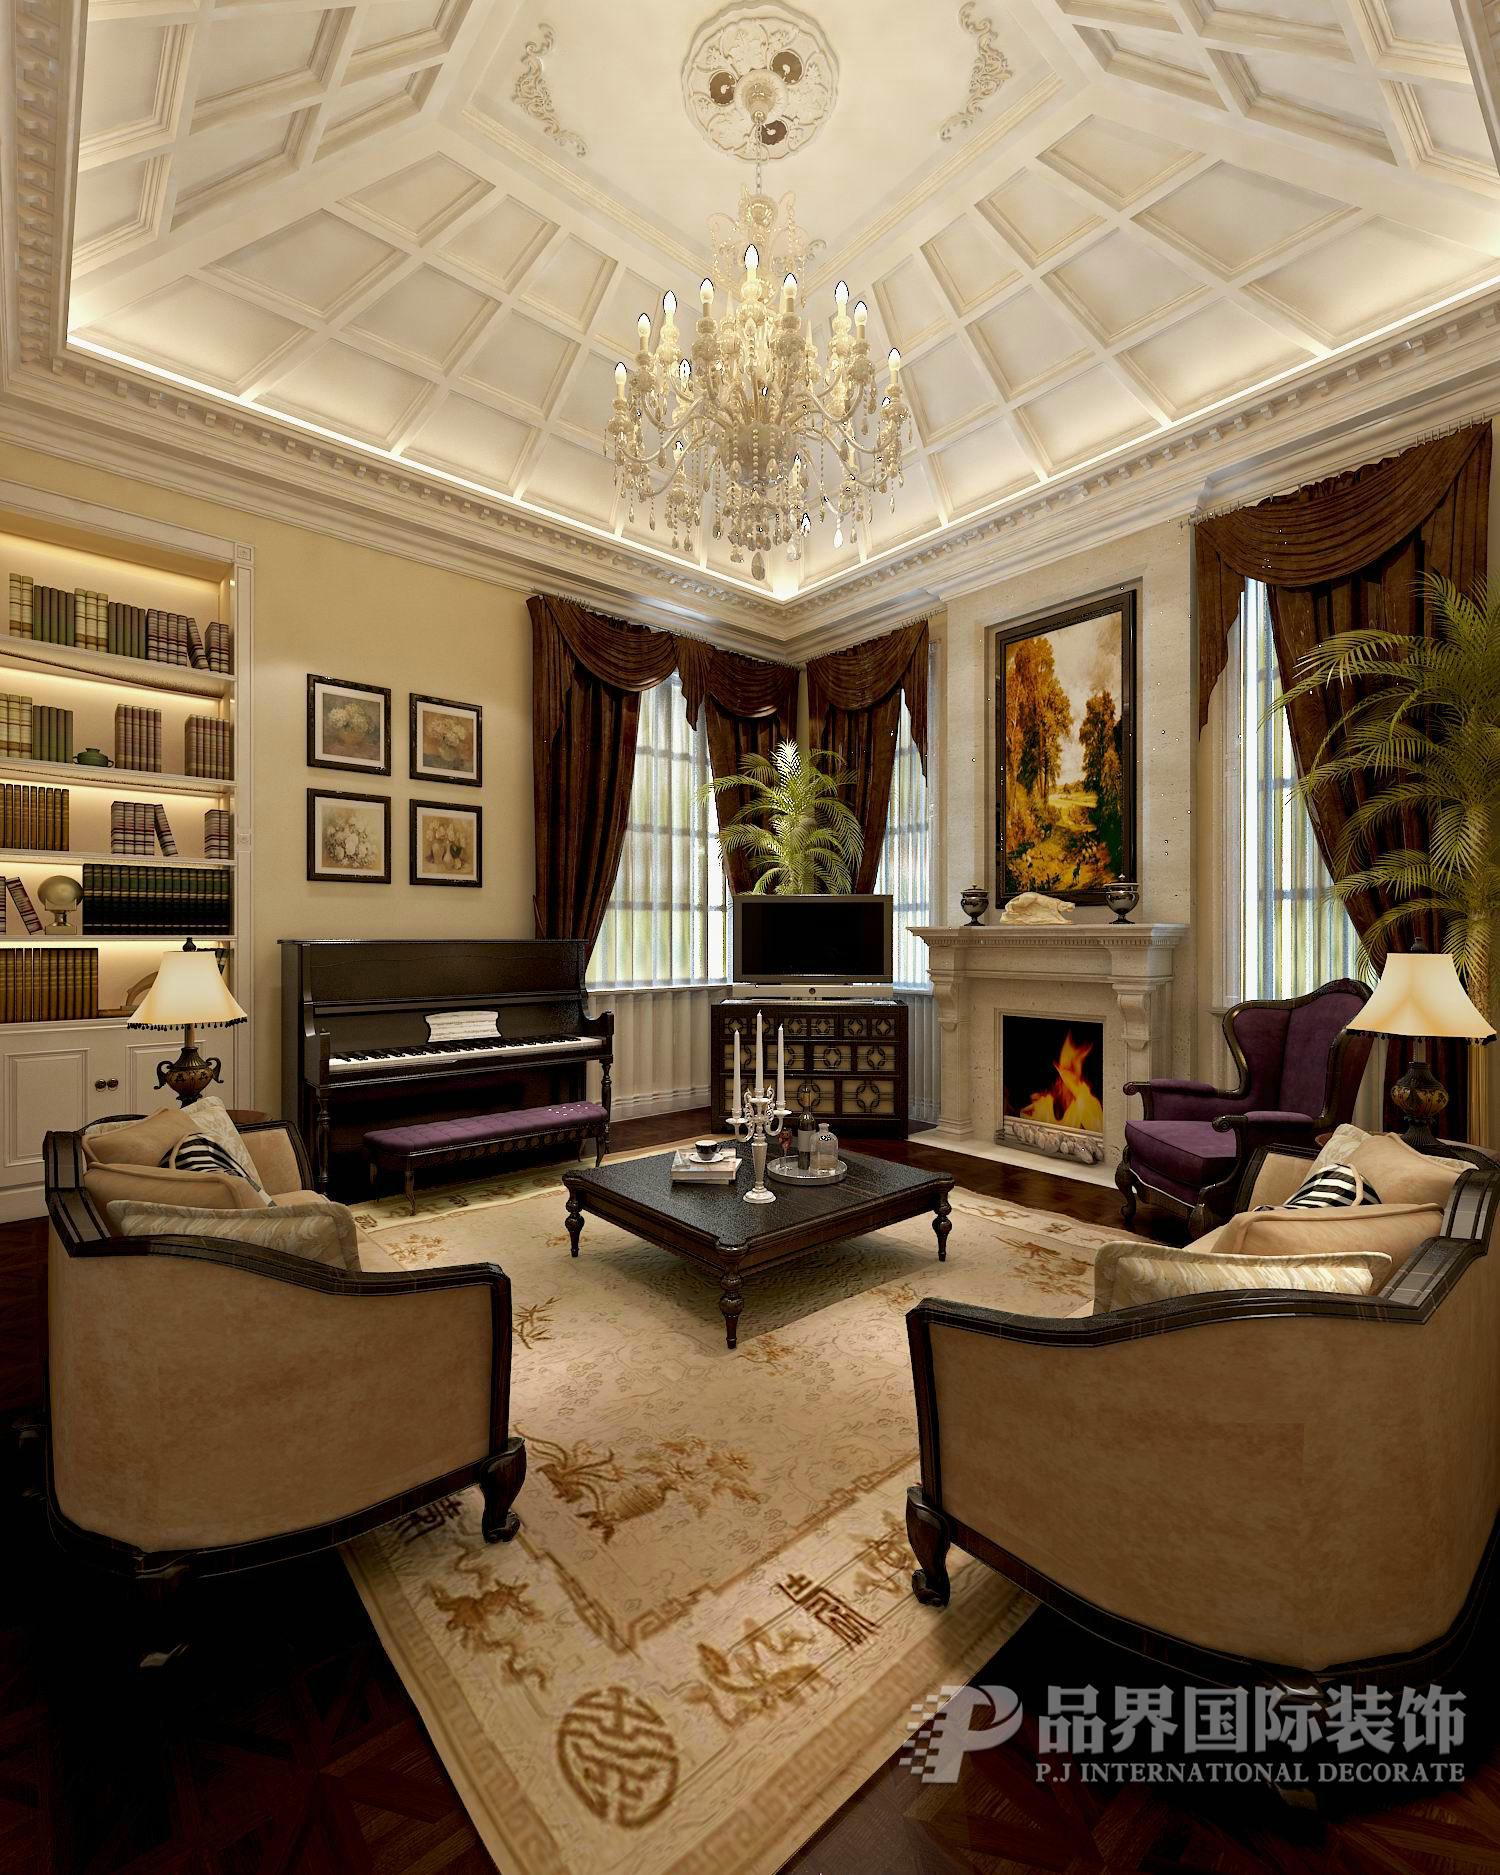 美式 新古典 别墅 石家庄 客厅图片来自石家庄亿佰居装饰在麦卡伦别墅480平美式新古典风格的分享